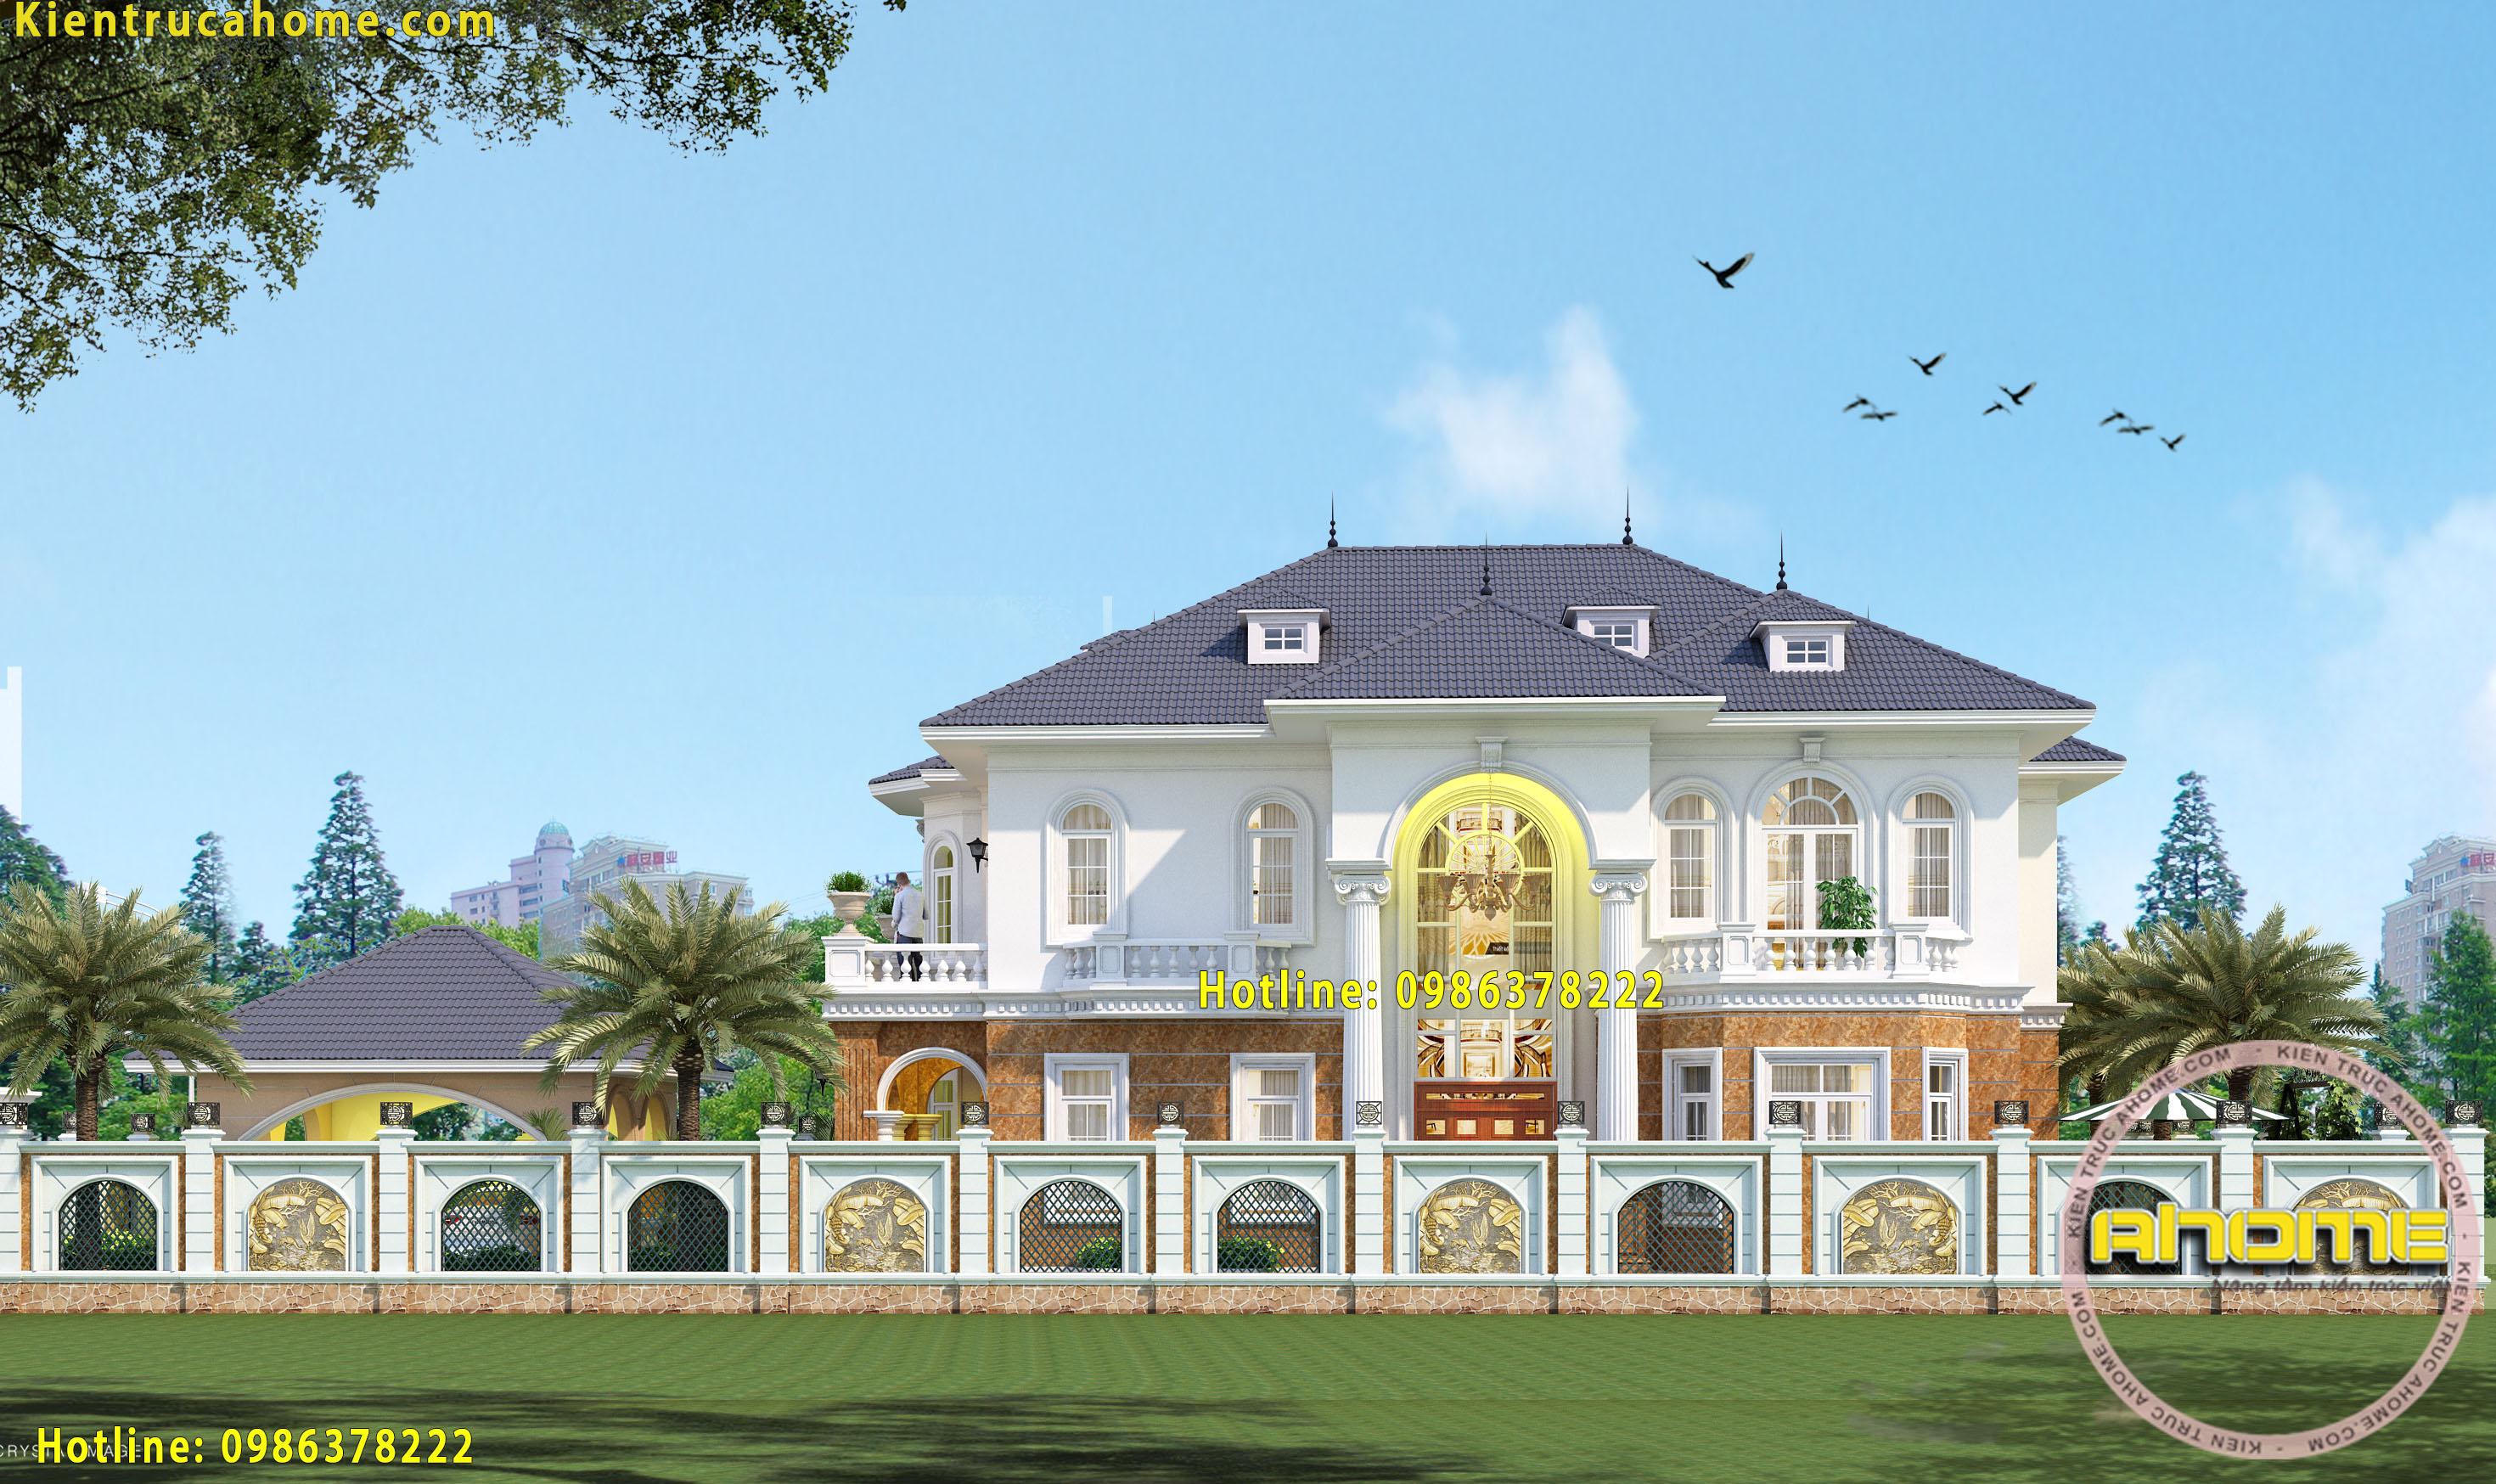 Mẫu biệt thự 2 tầng Tân cổ điển châu Âu tuyệt đẹp AH20006(CĐT: Bà Chung- Lạng Sơn)